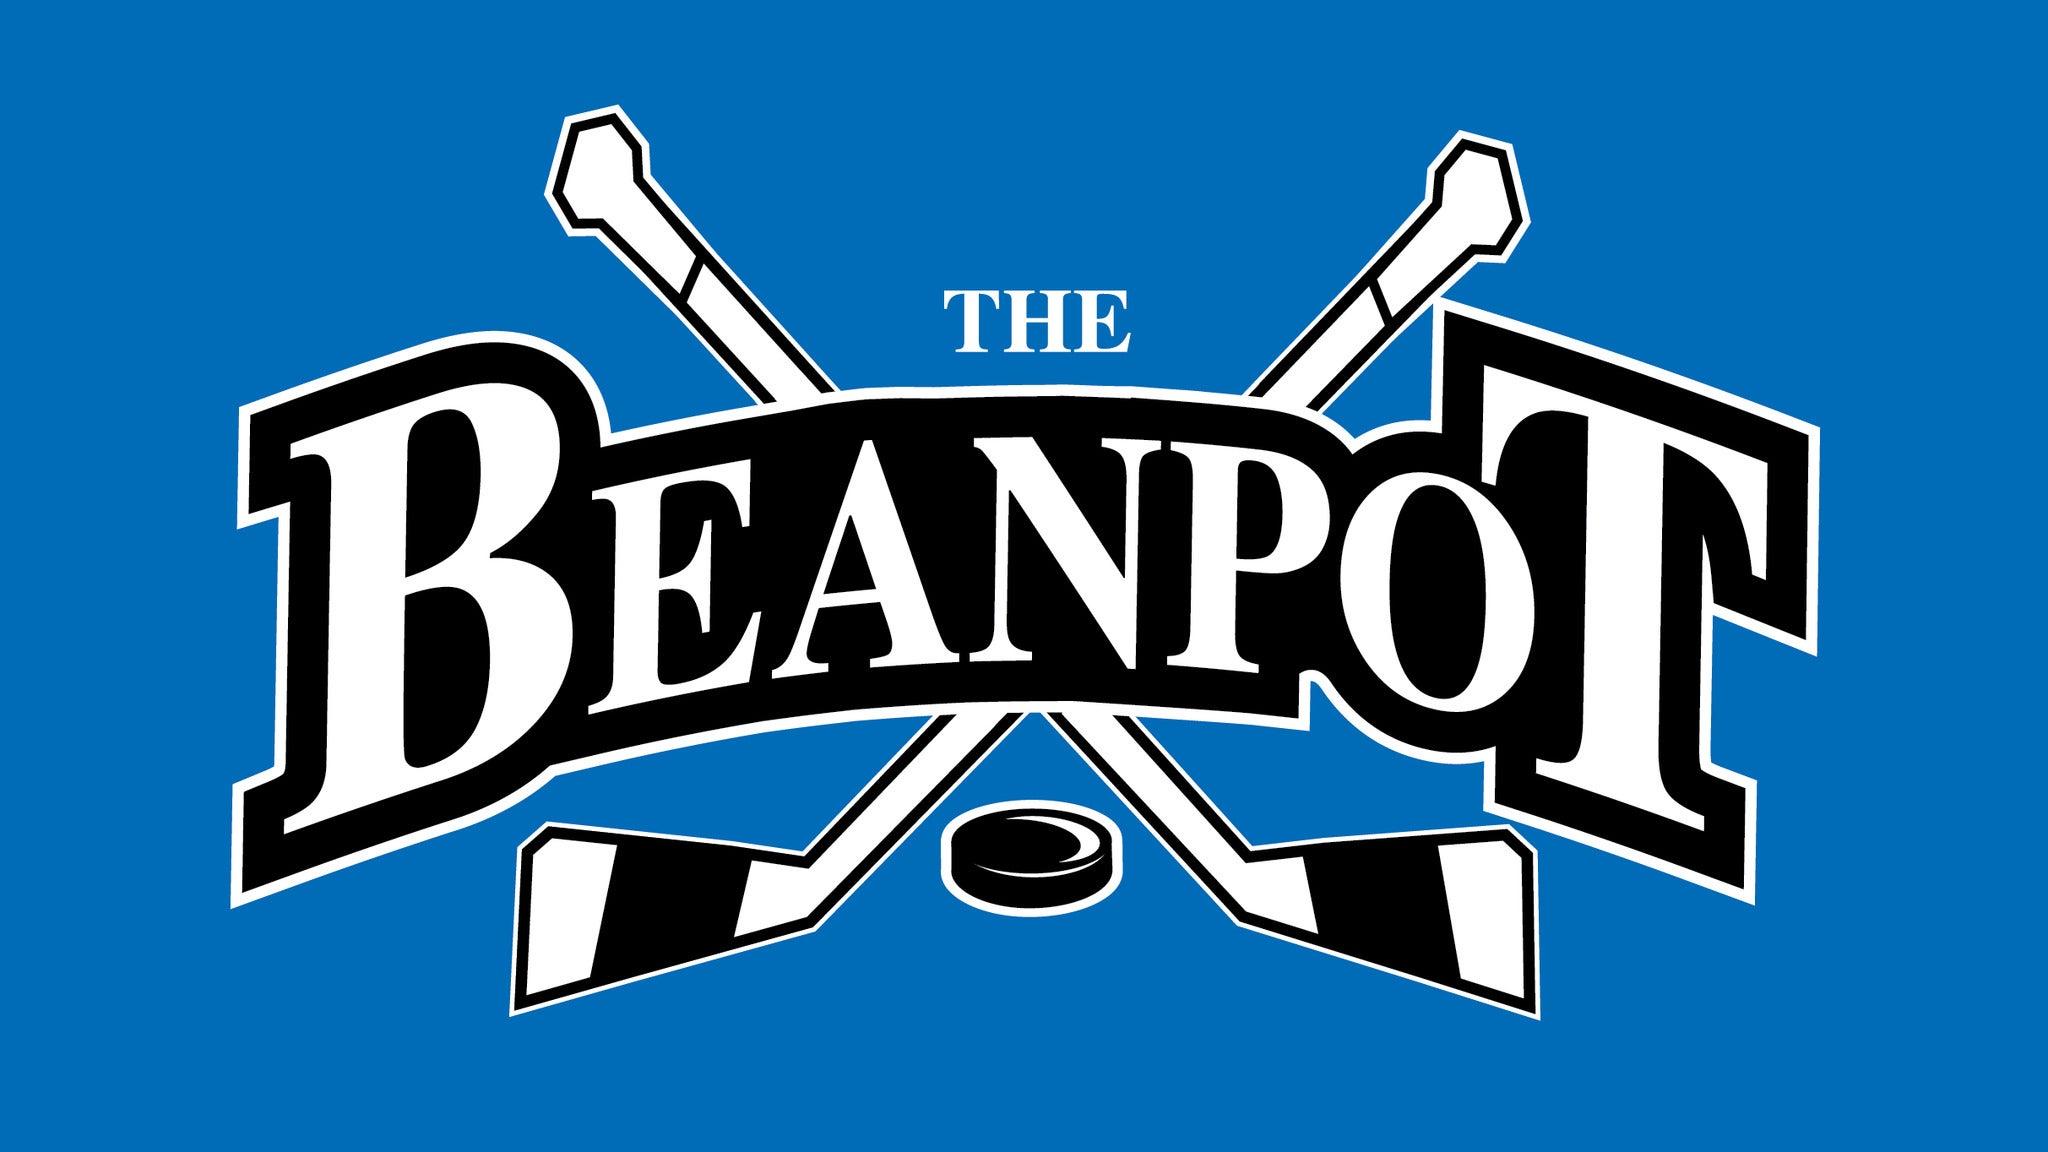 Beanpot Semifinals at TD Garden